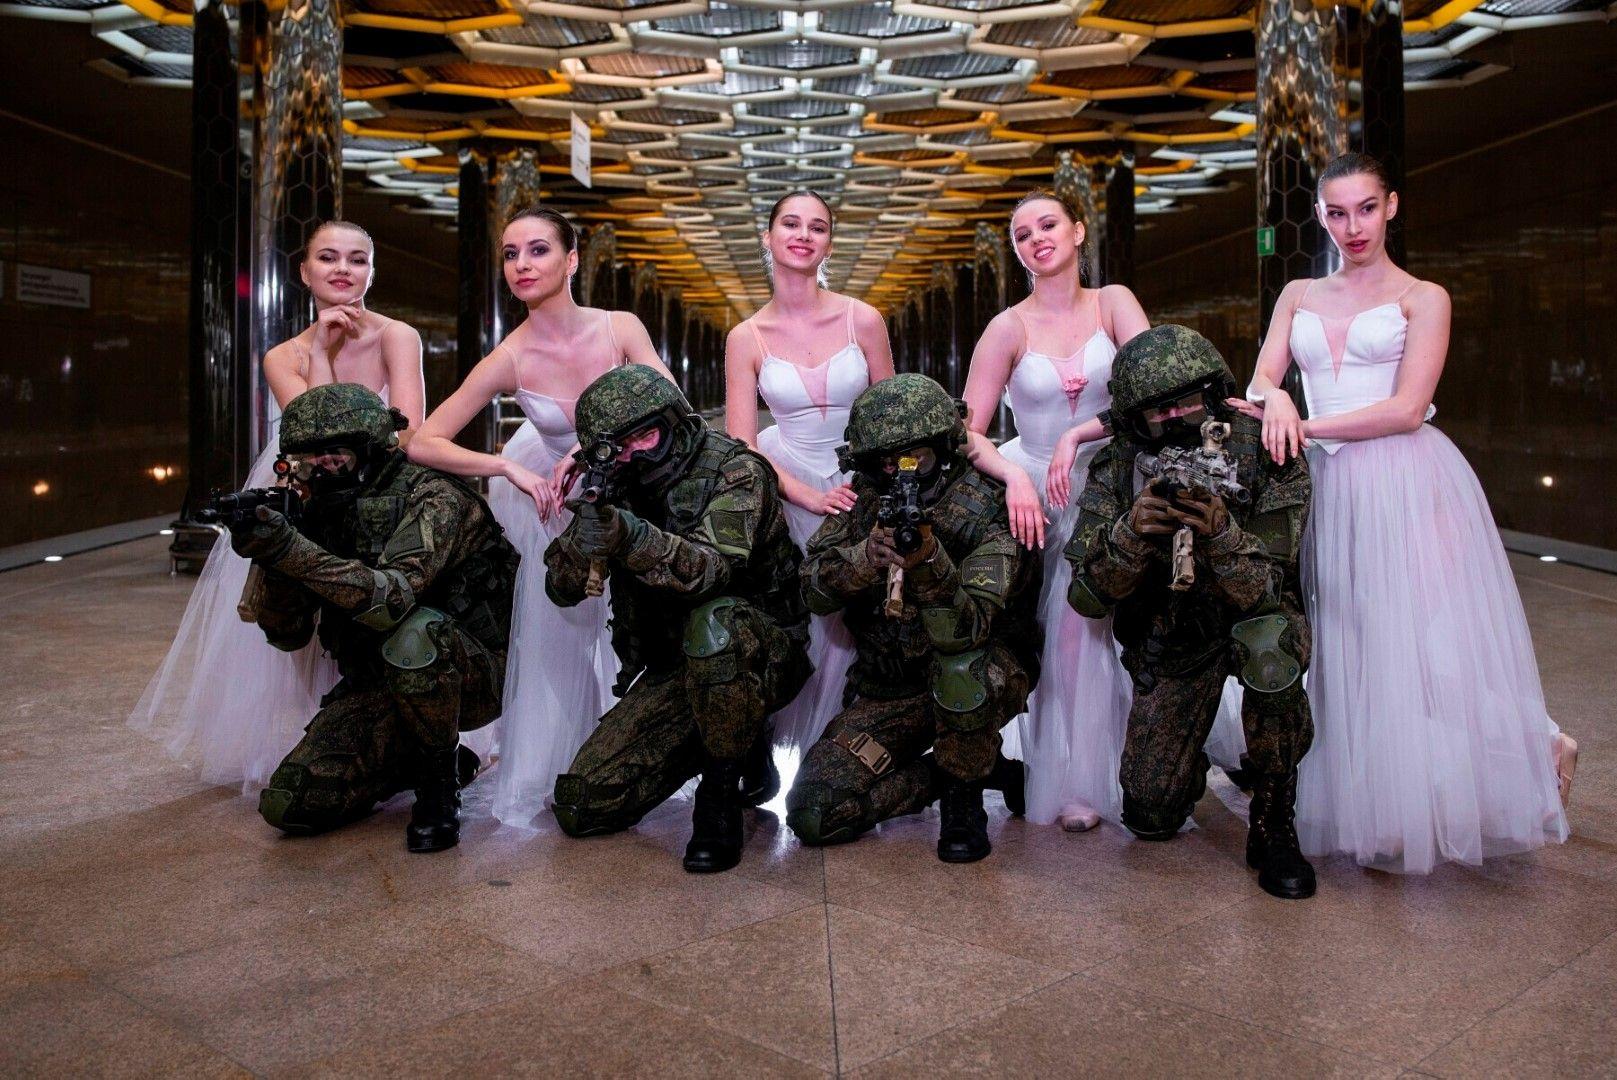 Войници и балерини в Екатеринбург - снимка на Министерството на отбраната на Русия